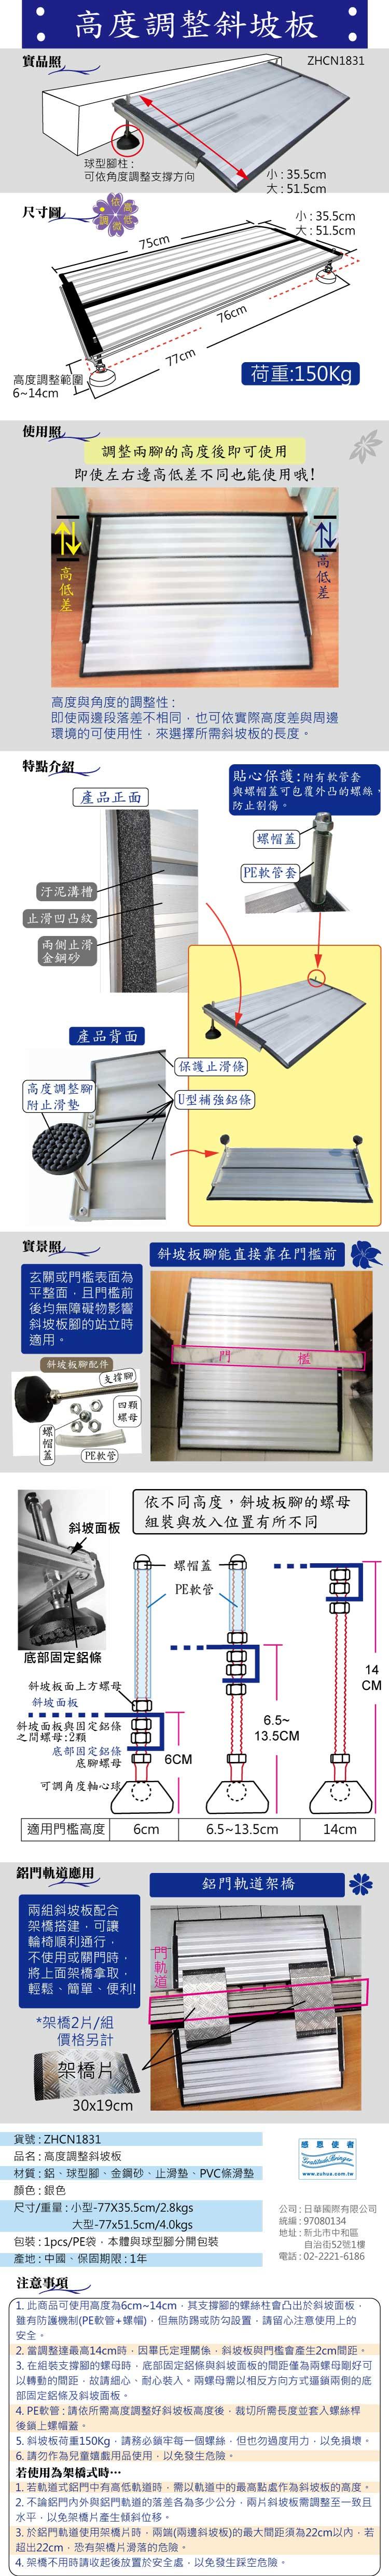 鋁合金斜坡板:高度可調整,附防刮傷膠條、表面止滑處理,使用安全。